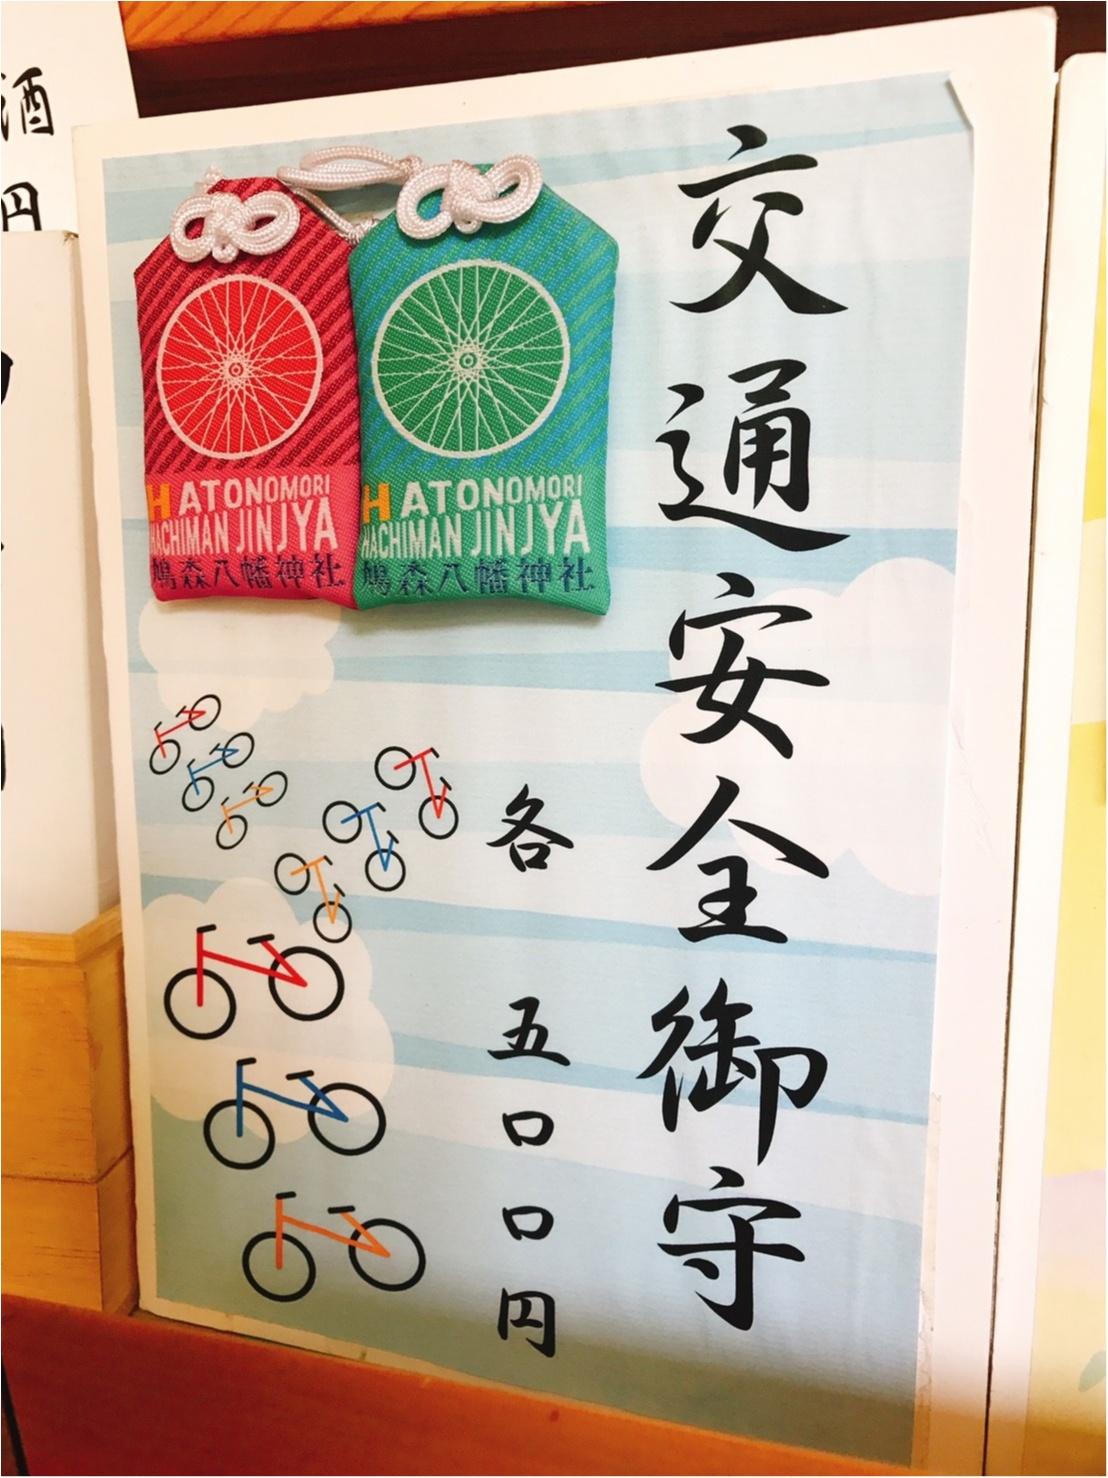 練習withさえちん!ロードバイクで都内御朱印巡り♪ #ツール・ド・東北【#モアチャレ あかね】_5